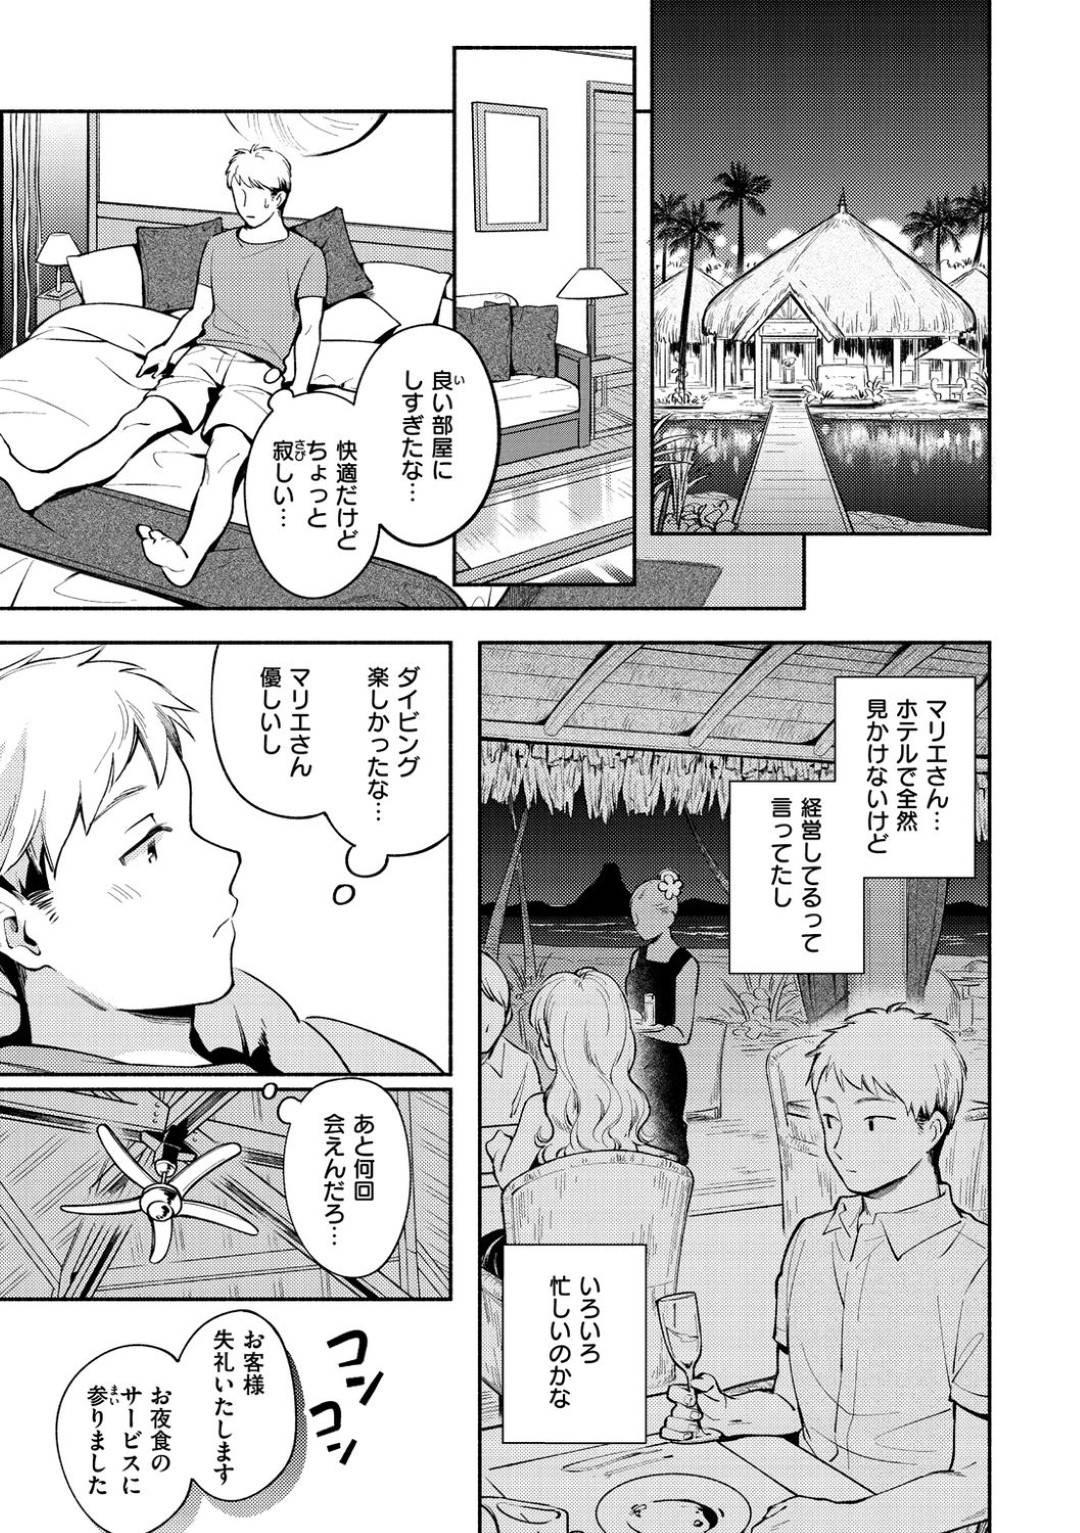 【エロ漫画】旅行先で疲れて部屋で休んでいる男…オイルマッサージをしてもらい気持ちよくなってきてそのまま中出しセックス【Wantan Meo:Tropical Escape】